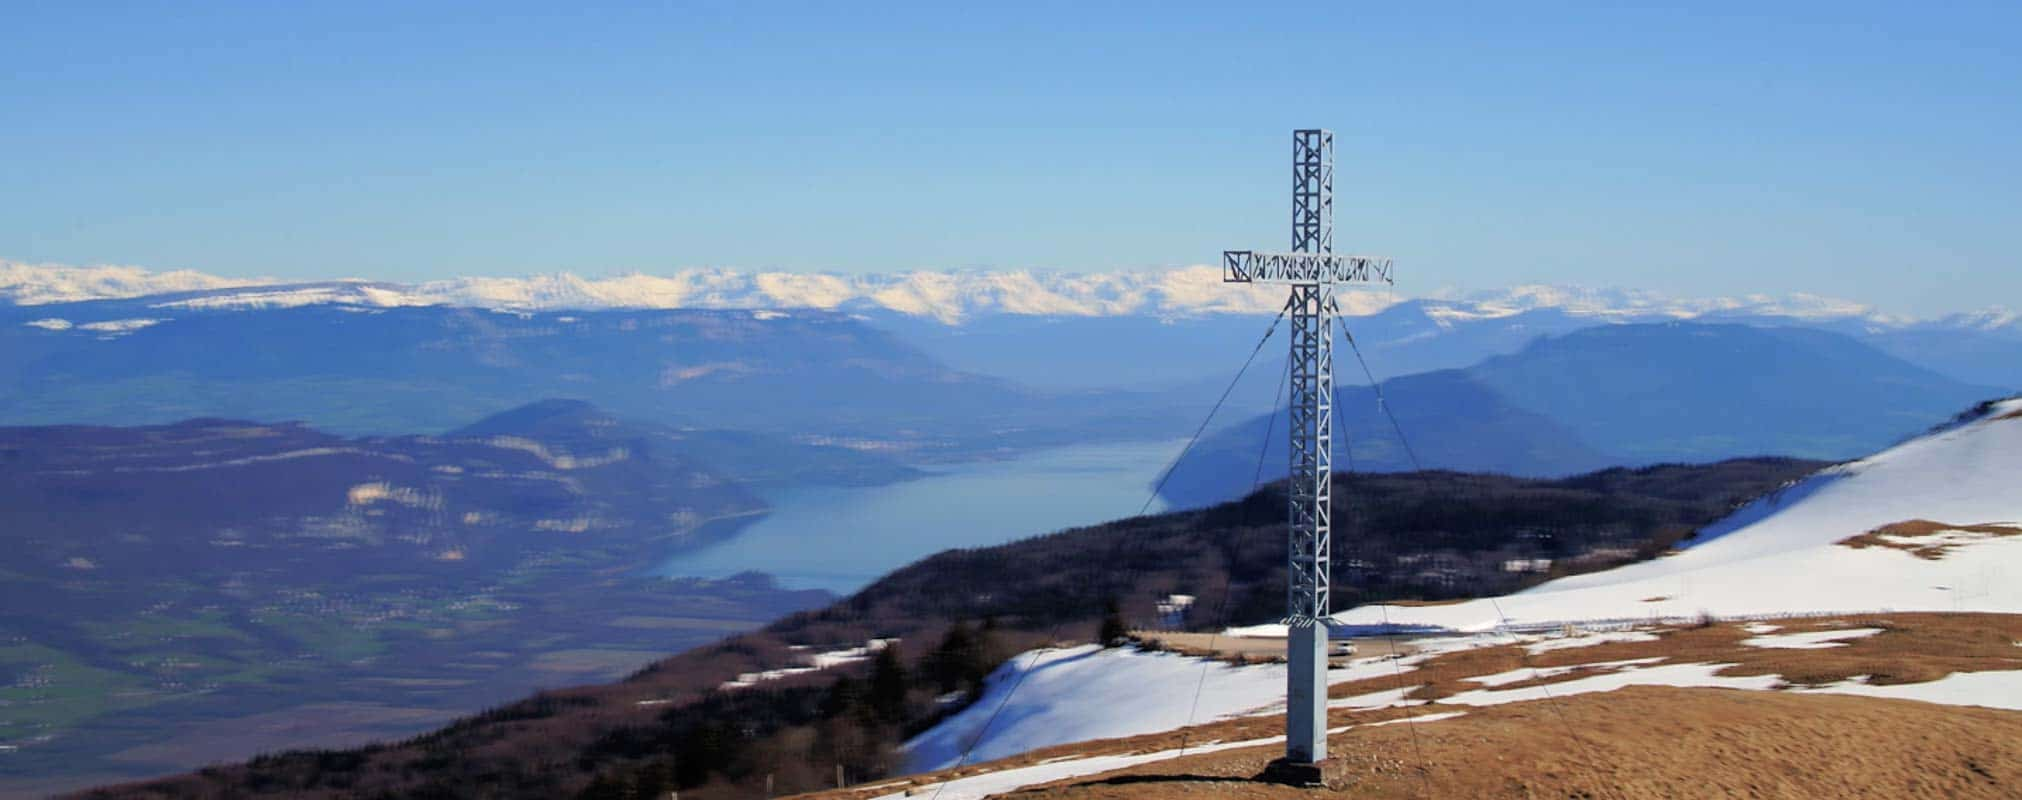 Col du Grand Colombier Ain film aérien drone